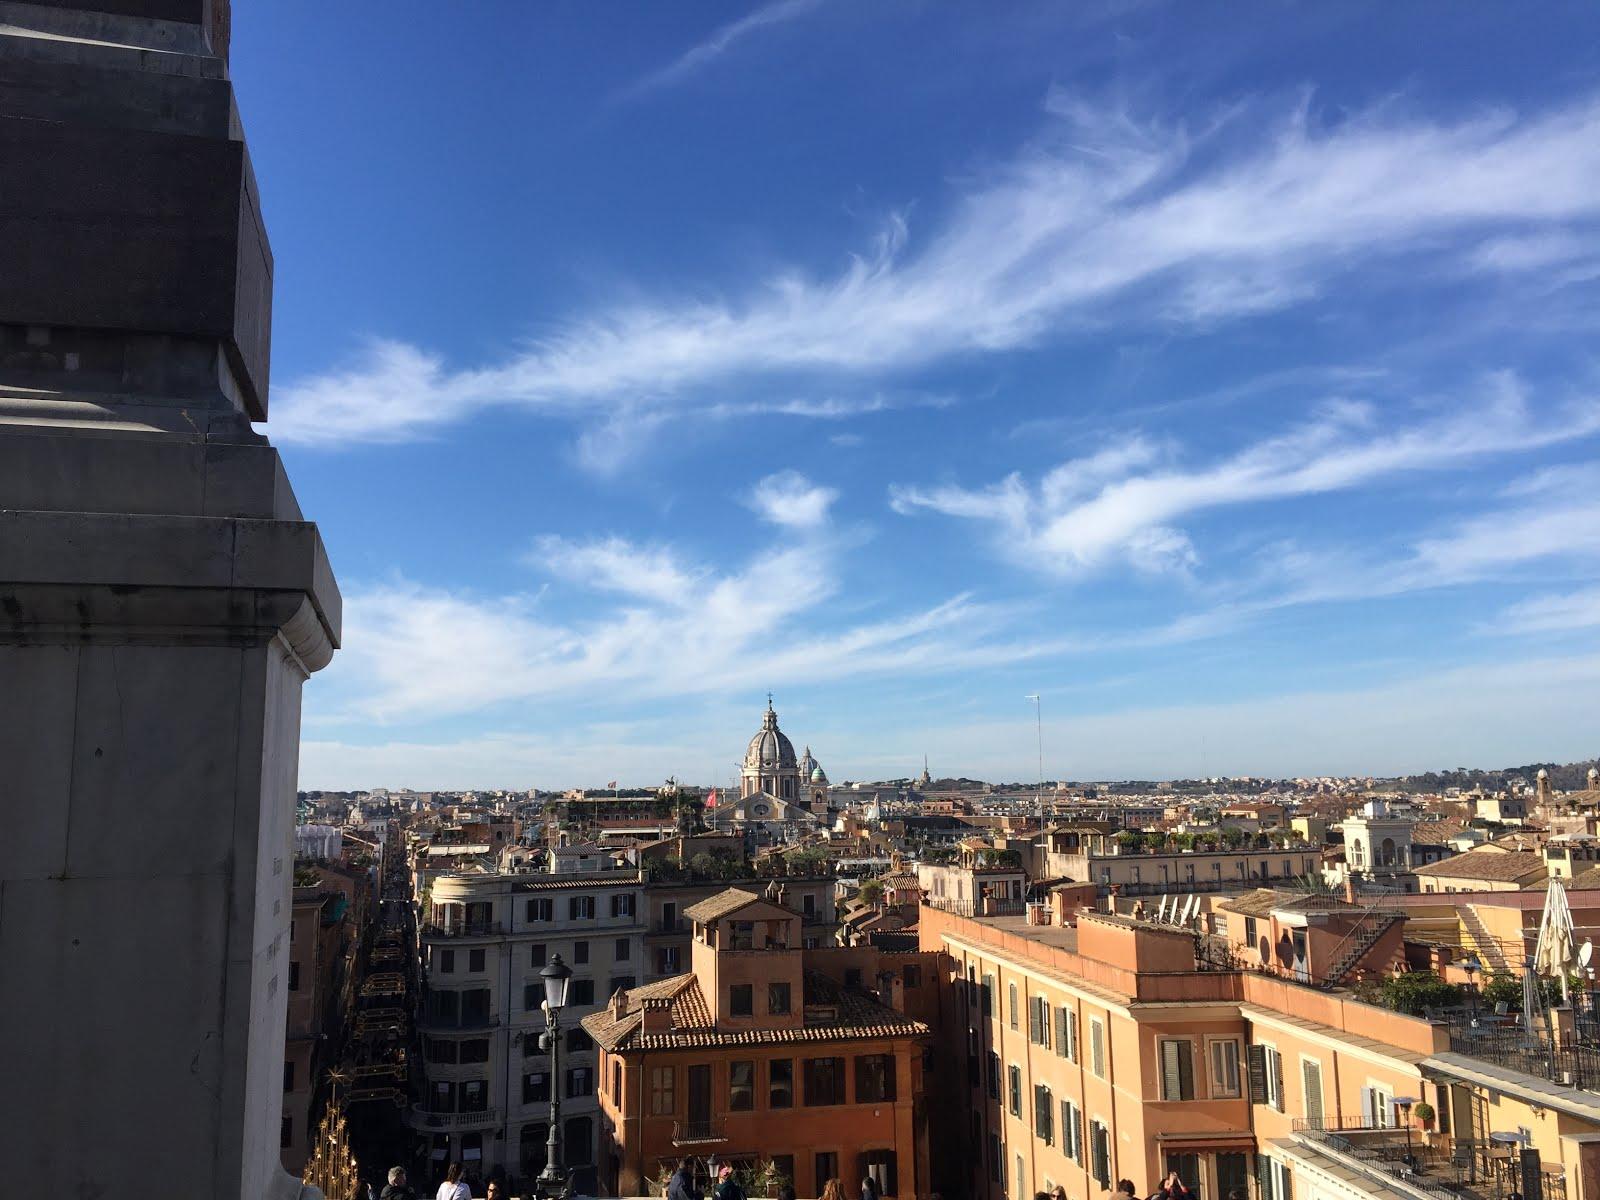 vue sur rome depuis la villa medicis